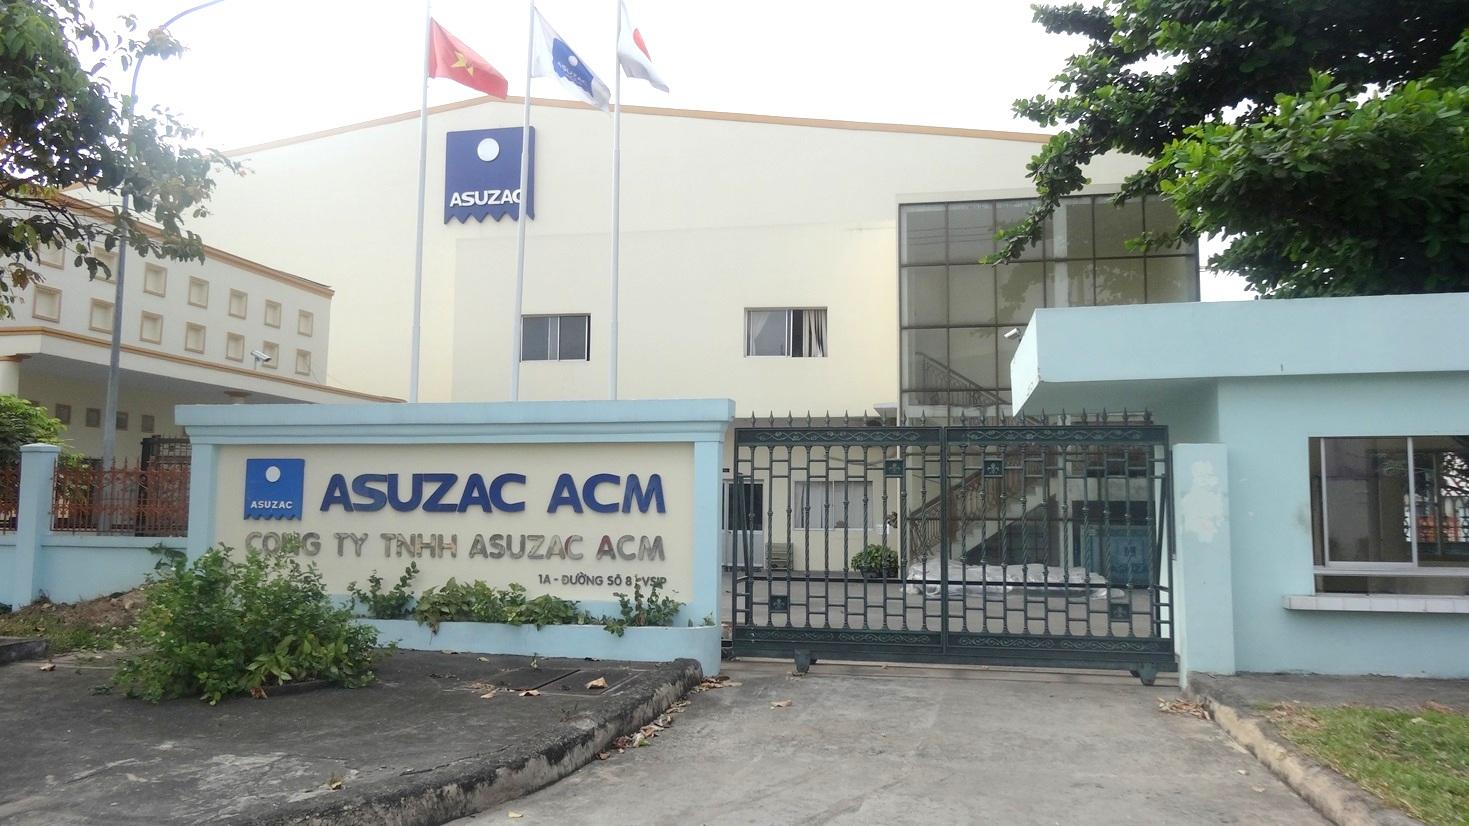 acm front